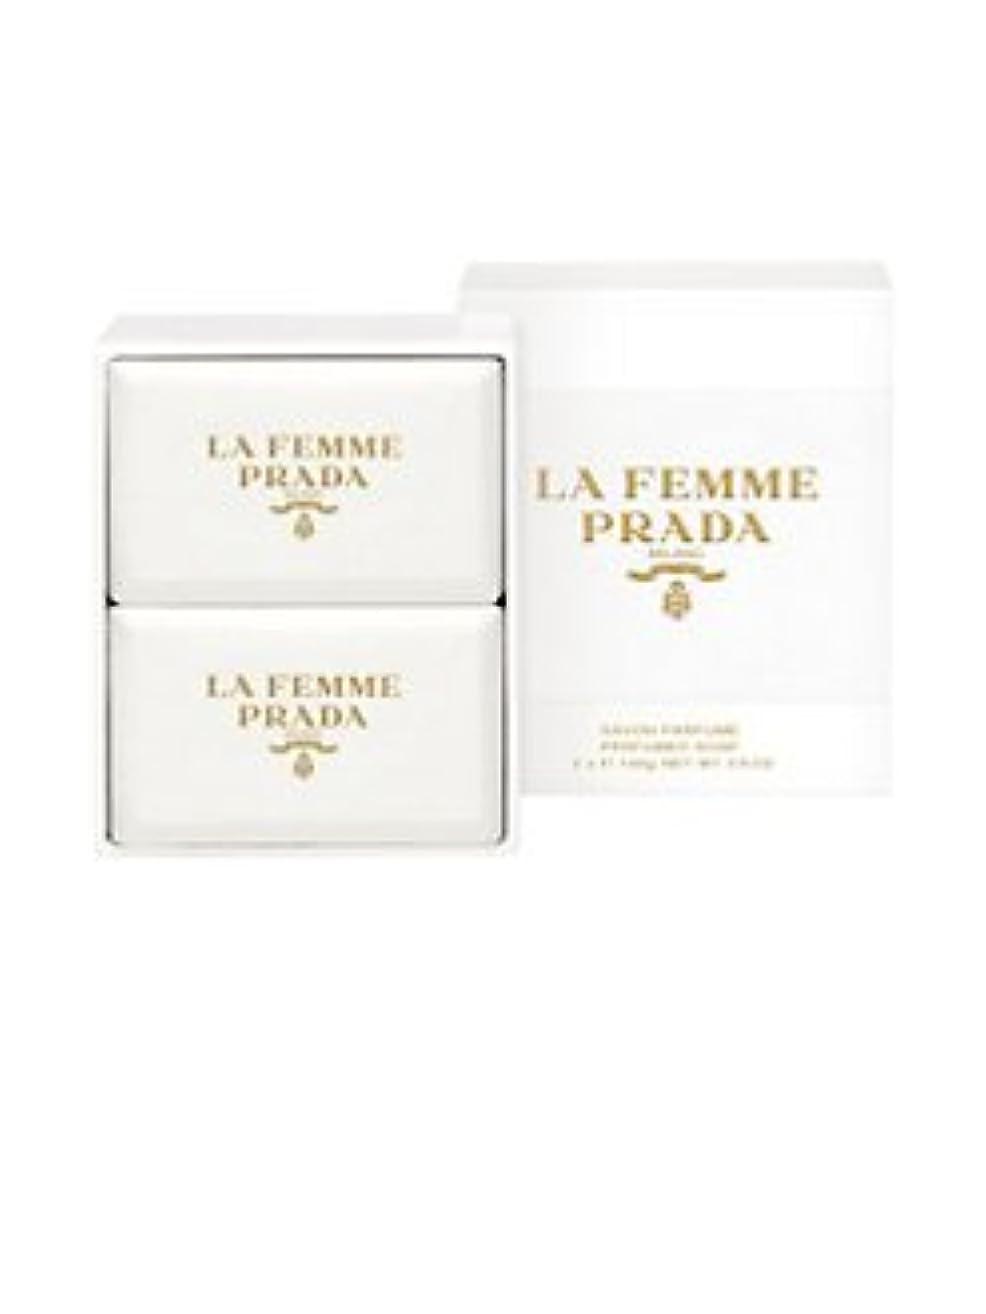 性格部屋を掃除する変換するLa Femme Prada (ラ フェム プラダ) 1.75 oz (52ml) Soap (石鹸) x 2個 for Women